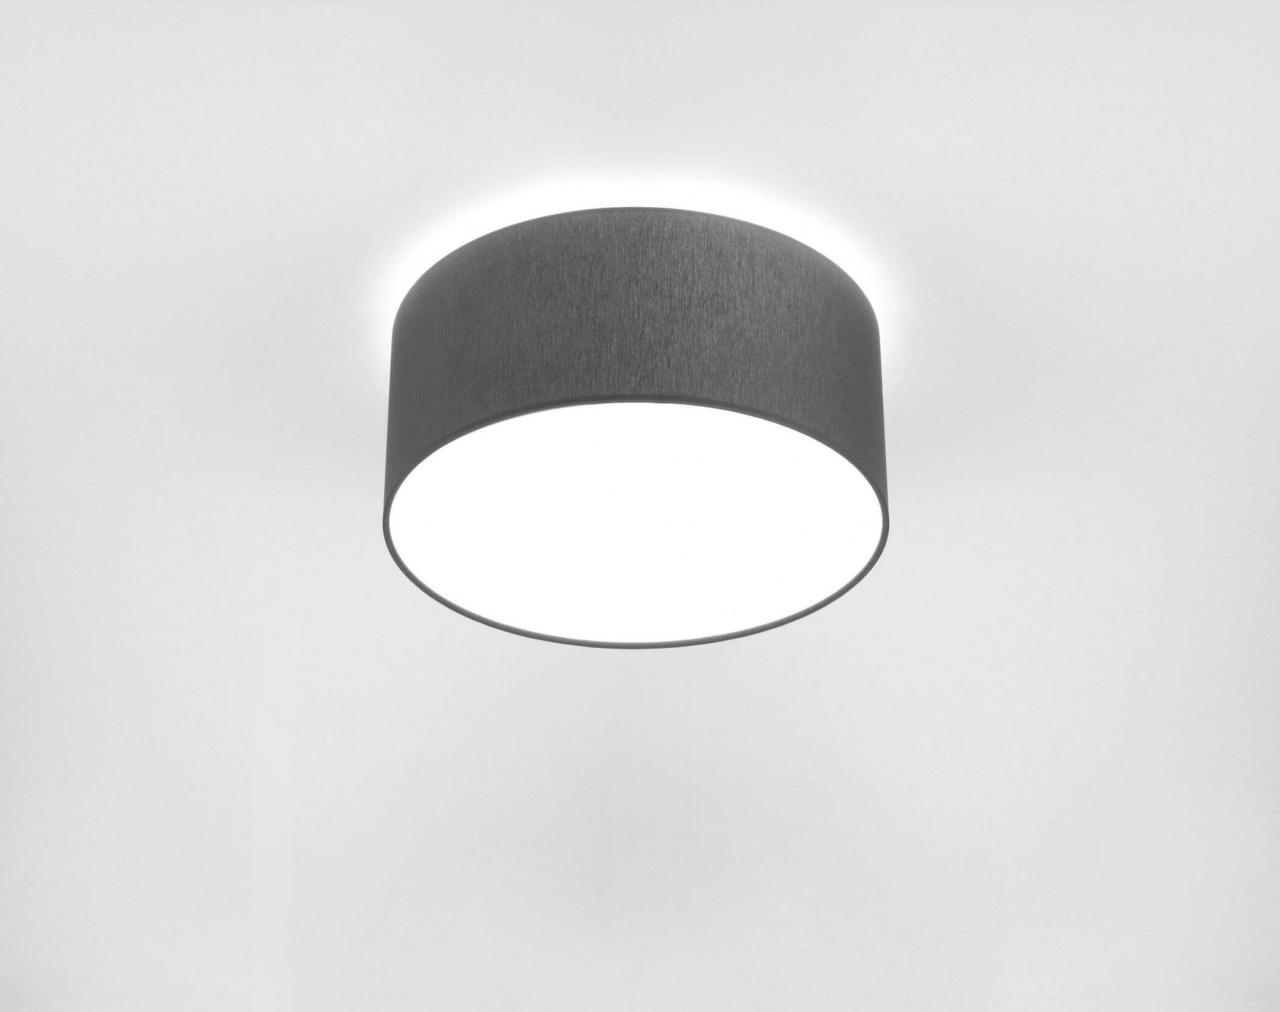 цена Потолочный светодиодный светильник Nowodvorski Cameron 9687 онлайн в 2017 году